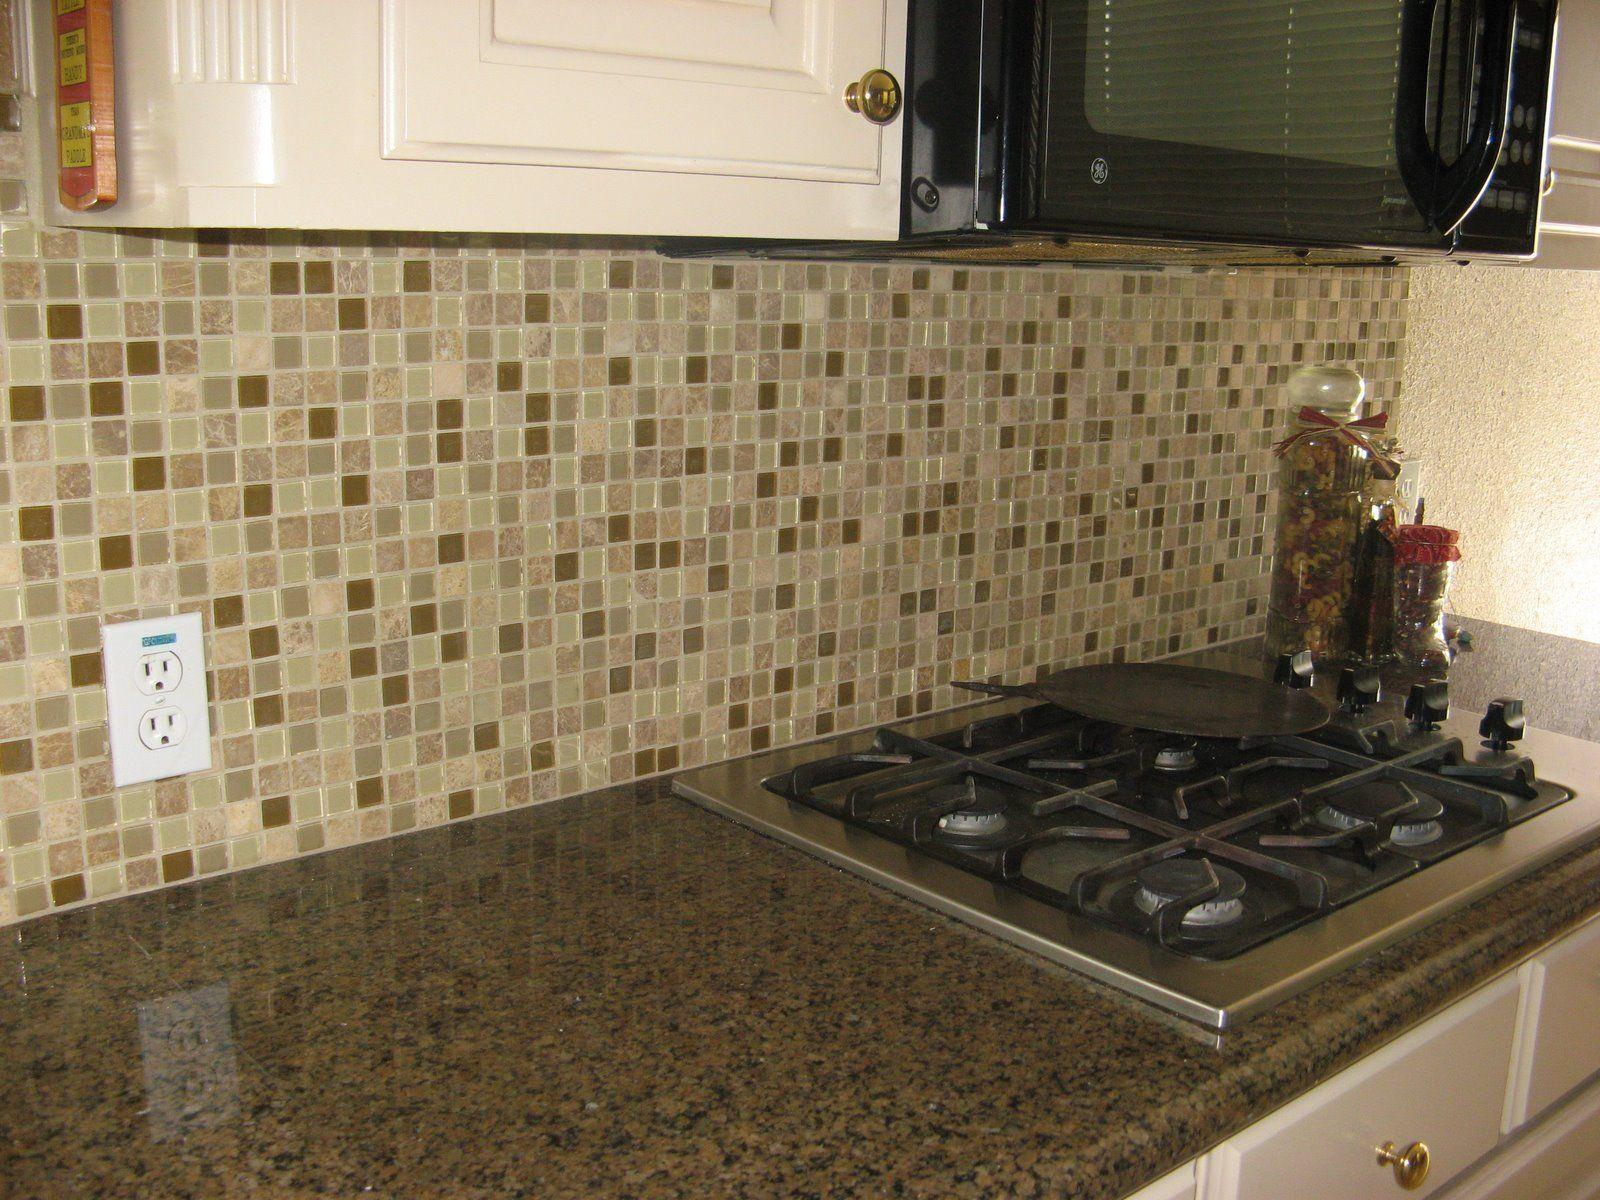 Küchentisch Backsplash #Badezimmer #Büromöbel #Couchtisch #Deko Ideen  #Gartenmöbel #Kinderzimmer #